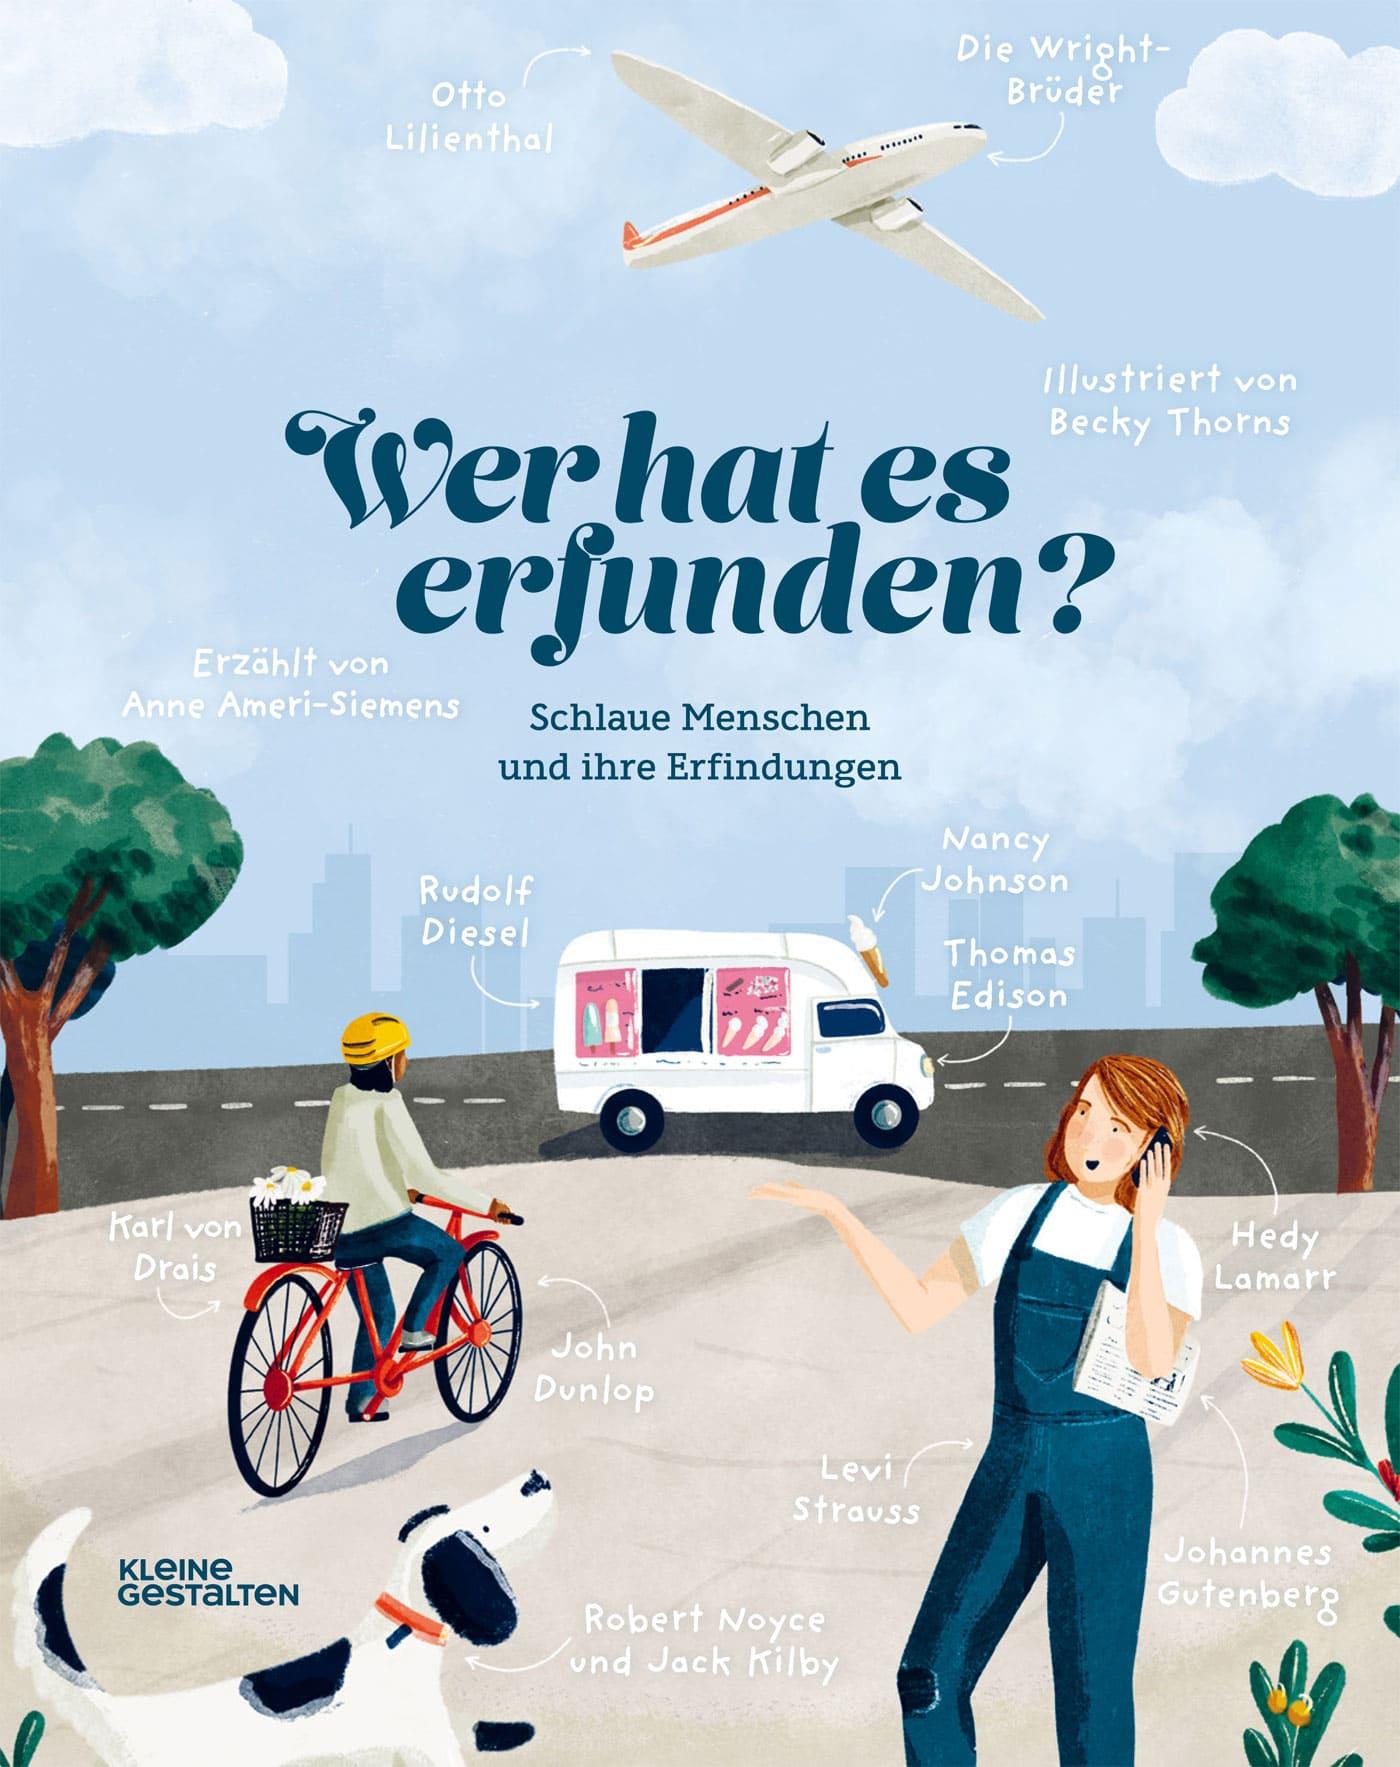 Kindersachbuch-Tipp: Wer hat es erfunden? // HIMBEER